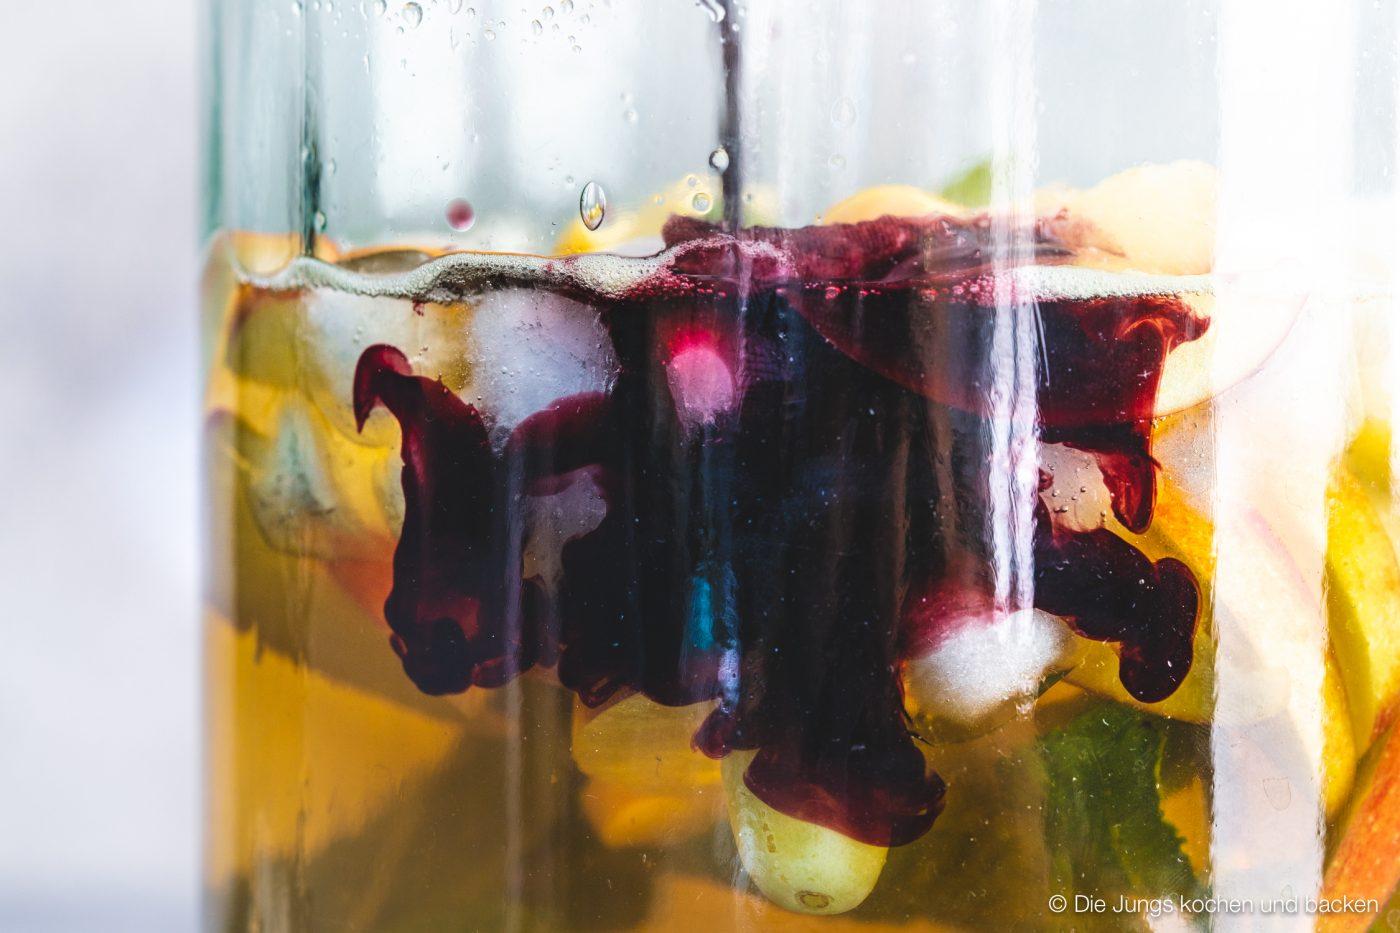 Bowle Saft 4 | Heute haben wir eine wunderbar fruchtige Bowle für euch dabei! Gerade an den warmen Tagen ist man doch für jede Abkühlung dankbar, oder? Aber warum irgendetwas trinken?! Eine erfrischende, alkoholfreie Bowle bringt euch perfekt durch den Tag. Deswegen solltet ihr unbedingt unsere Apfel-Trauben-Bowle mit Ginger Ale und Holunderbeere probieren.